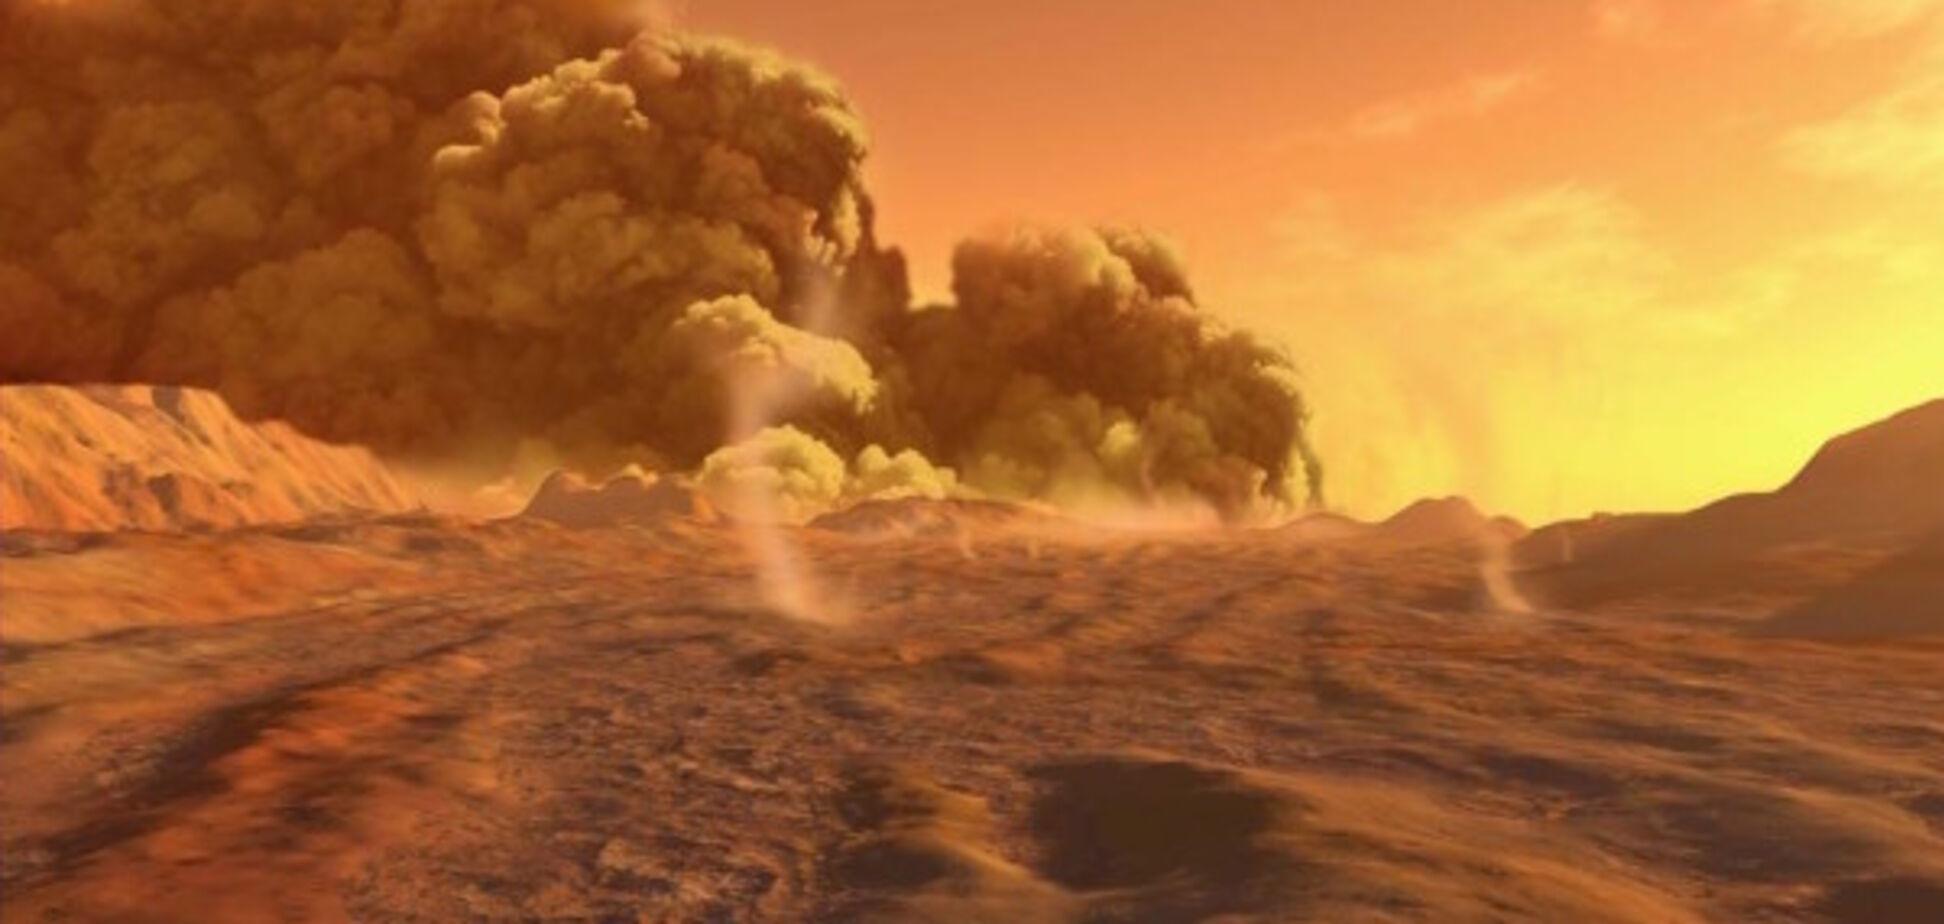 У NASA зняли страшну бурю на Марсі: ефектне відео